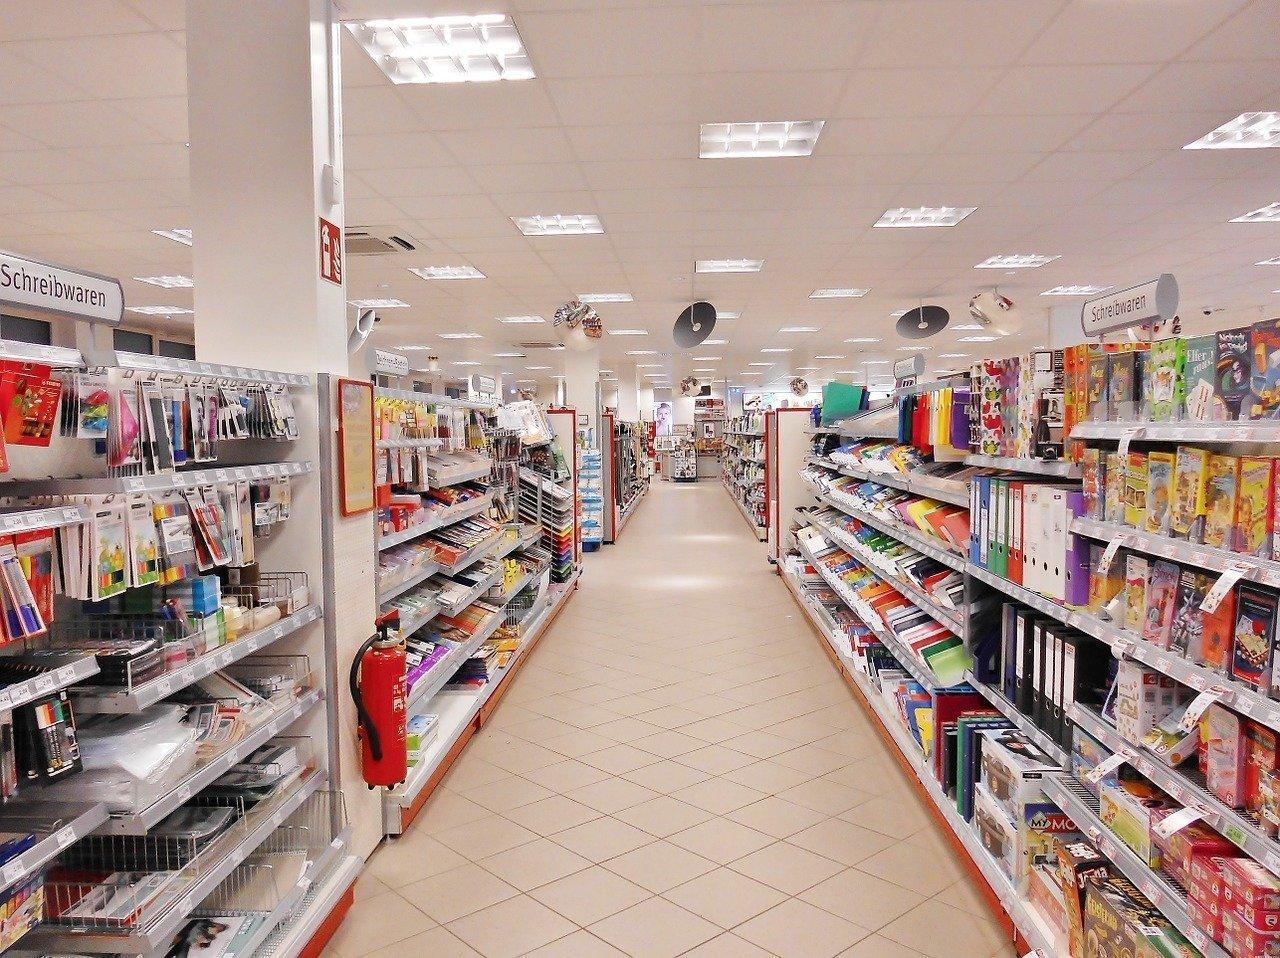 EC launches infringement procedure against Hungary over unprofitable supermarkets law